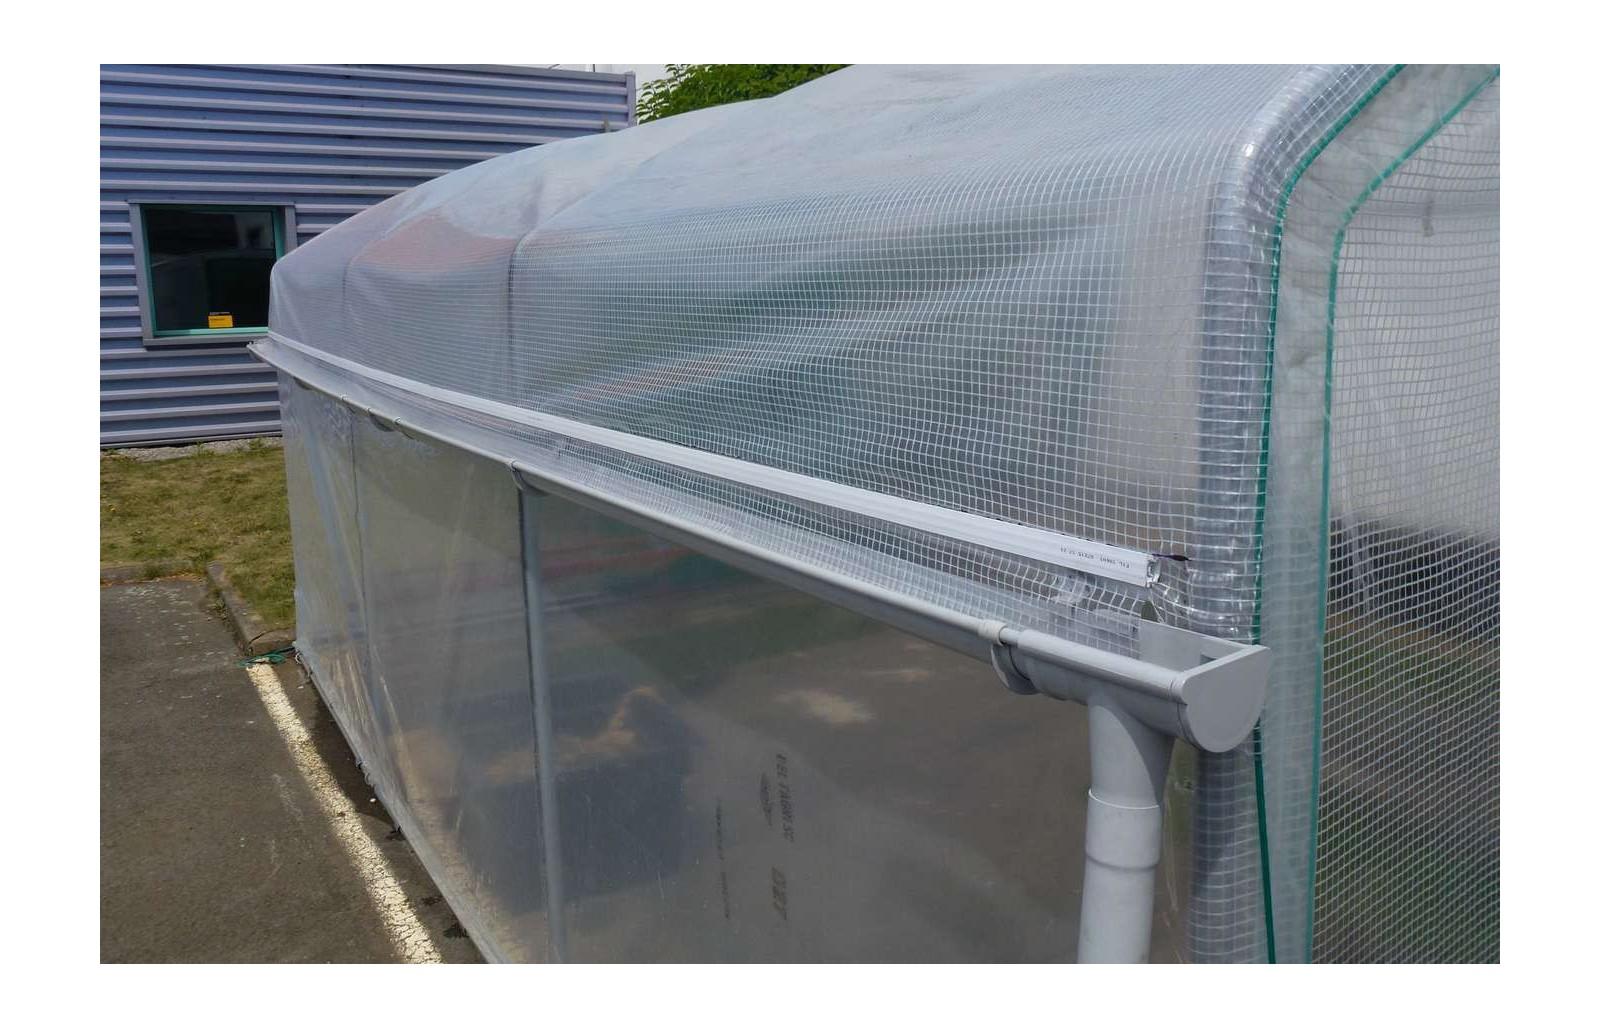 kit recuperation d 39 eau de pluie 2 longueurs serre jardiniere long 4m00 serres tonneau. Black Bedroom Furniture Sets. Home Design Ideas